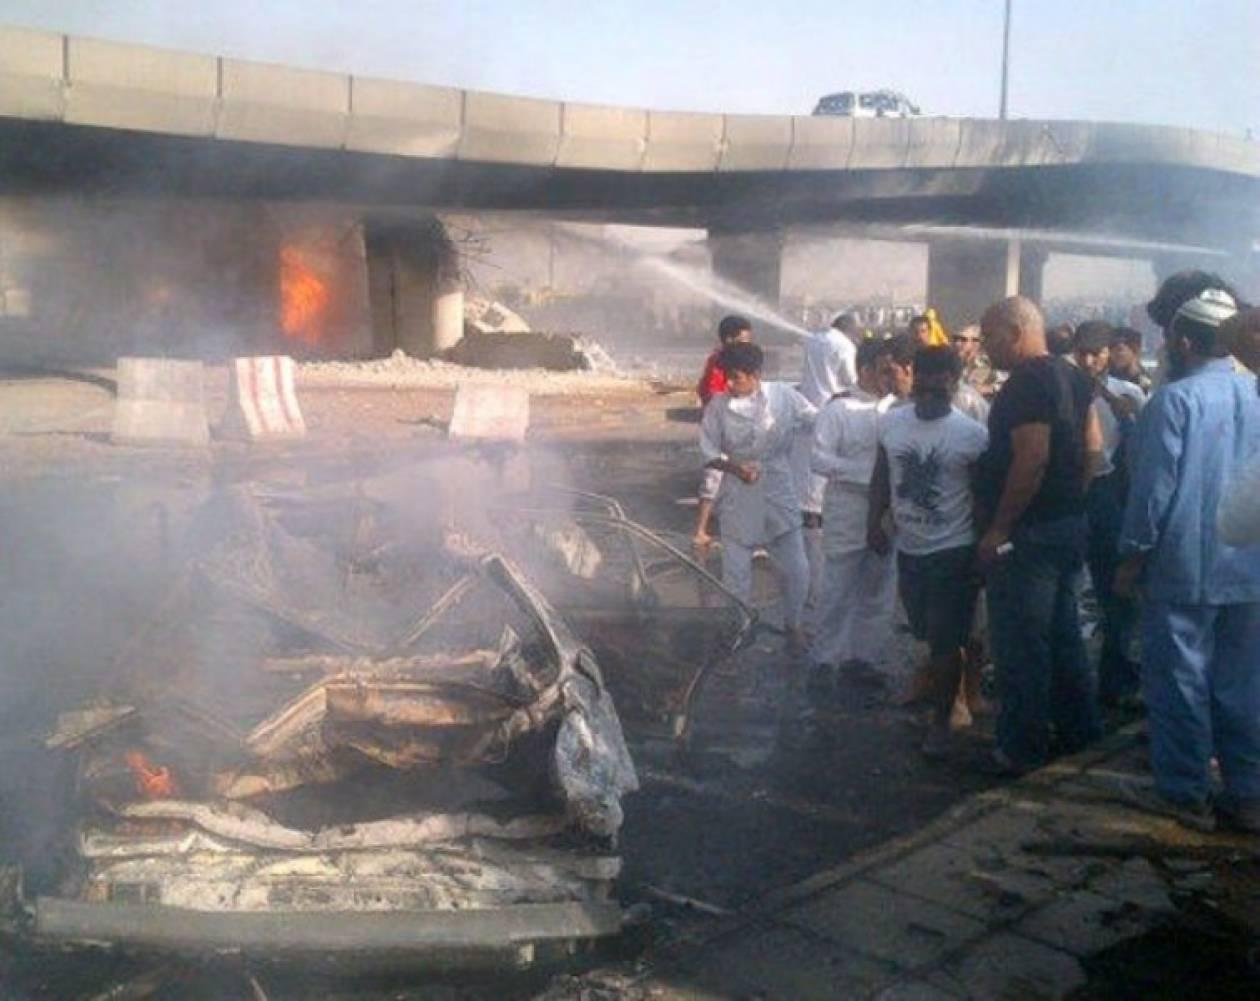 Στις φλόγες εργοστάσιο- Νεκροί έξι εργάτες